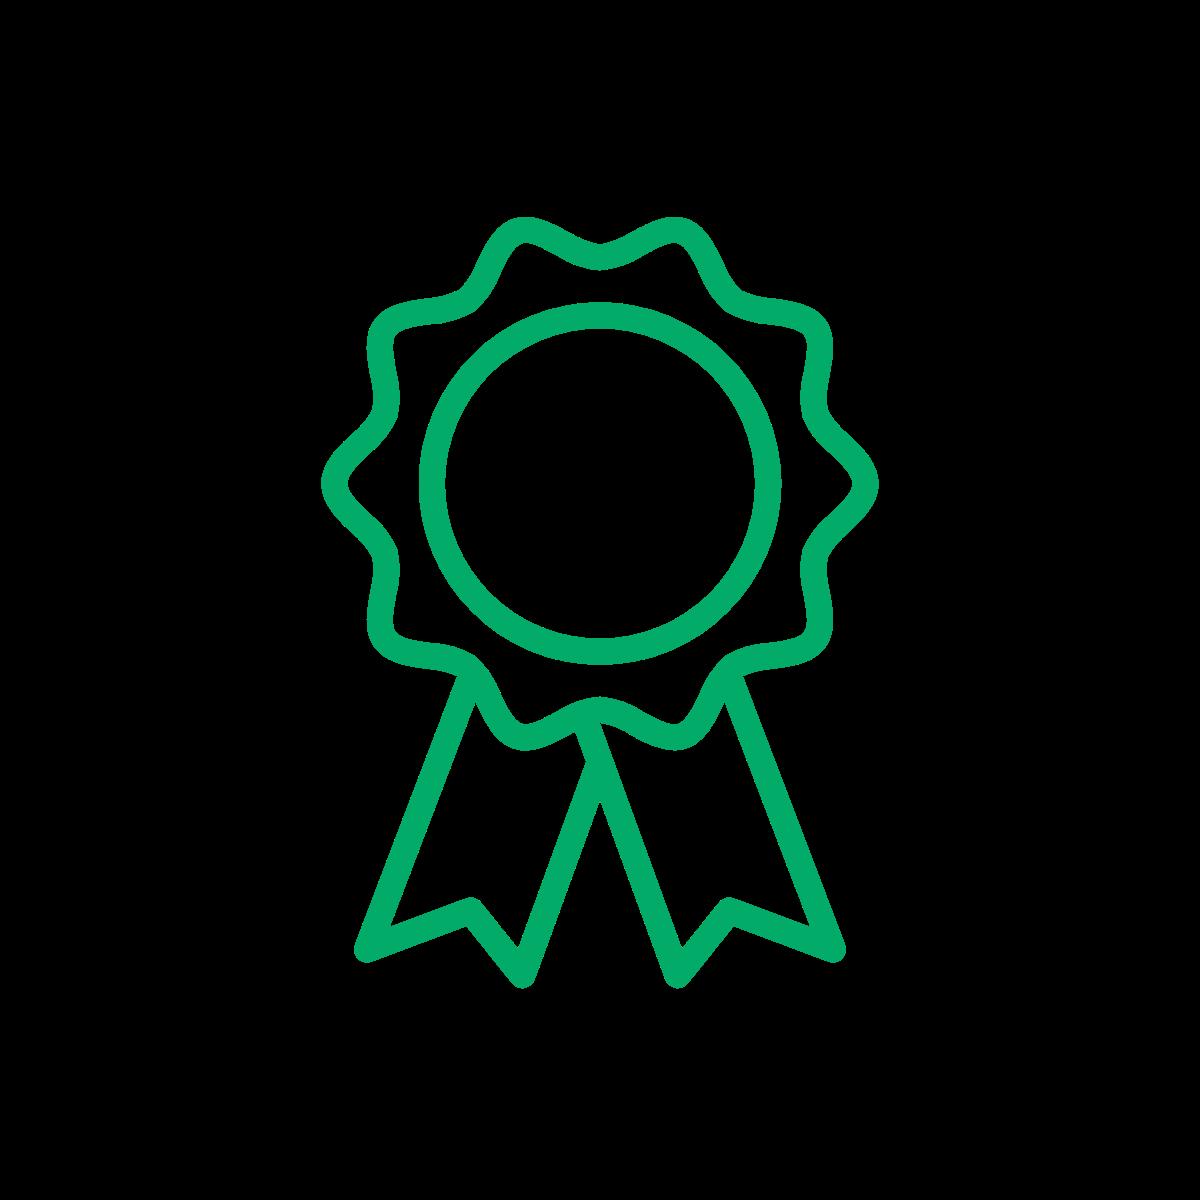 Icon - award